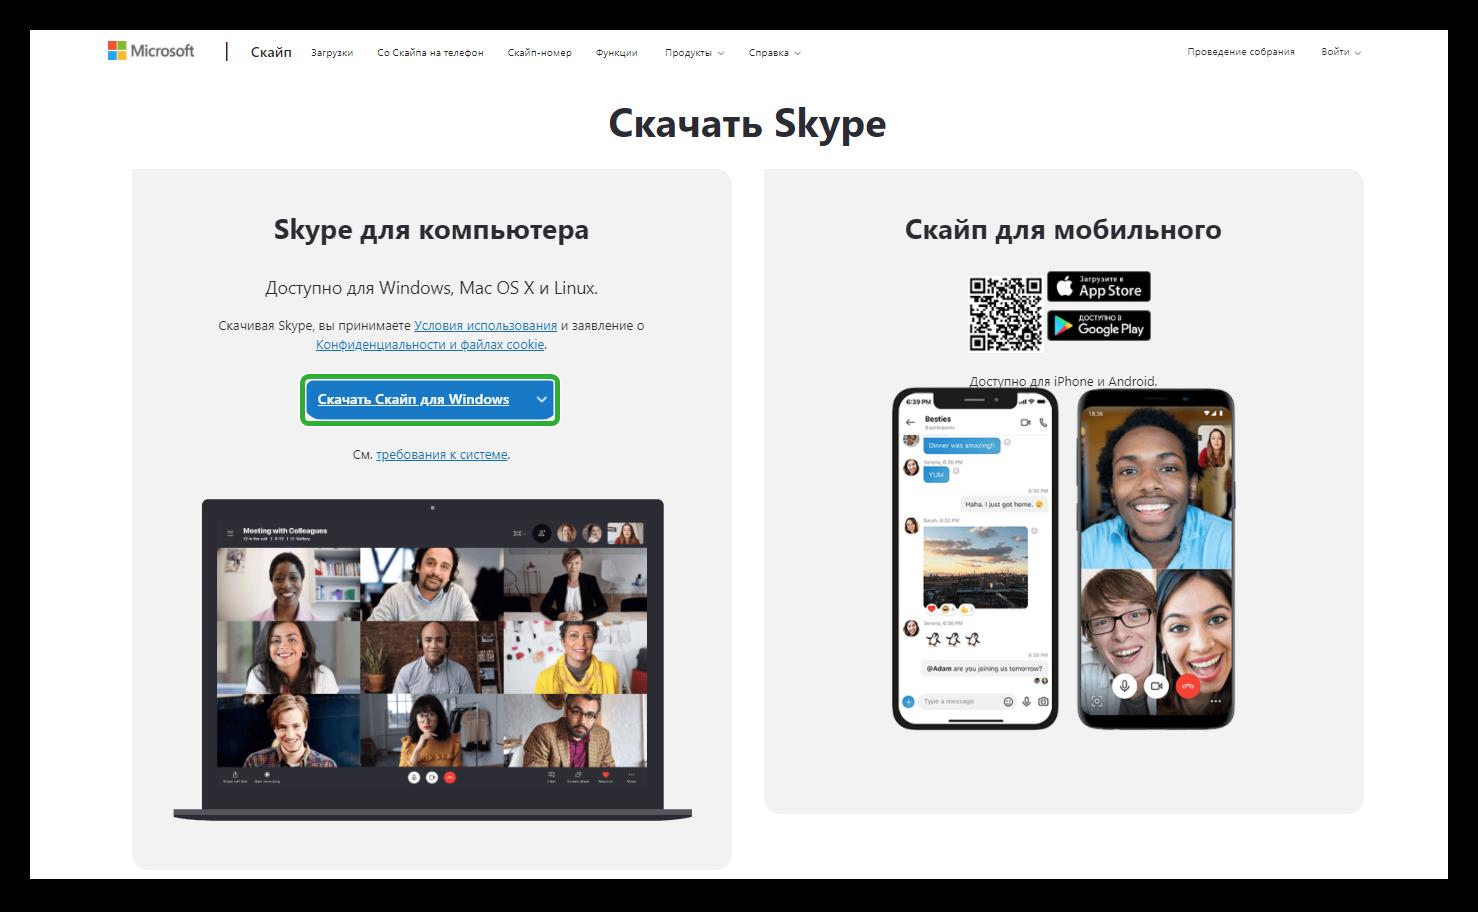 Как скачать Skype для ПК на Windows